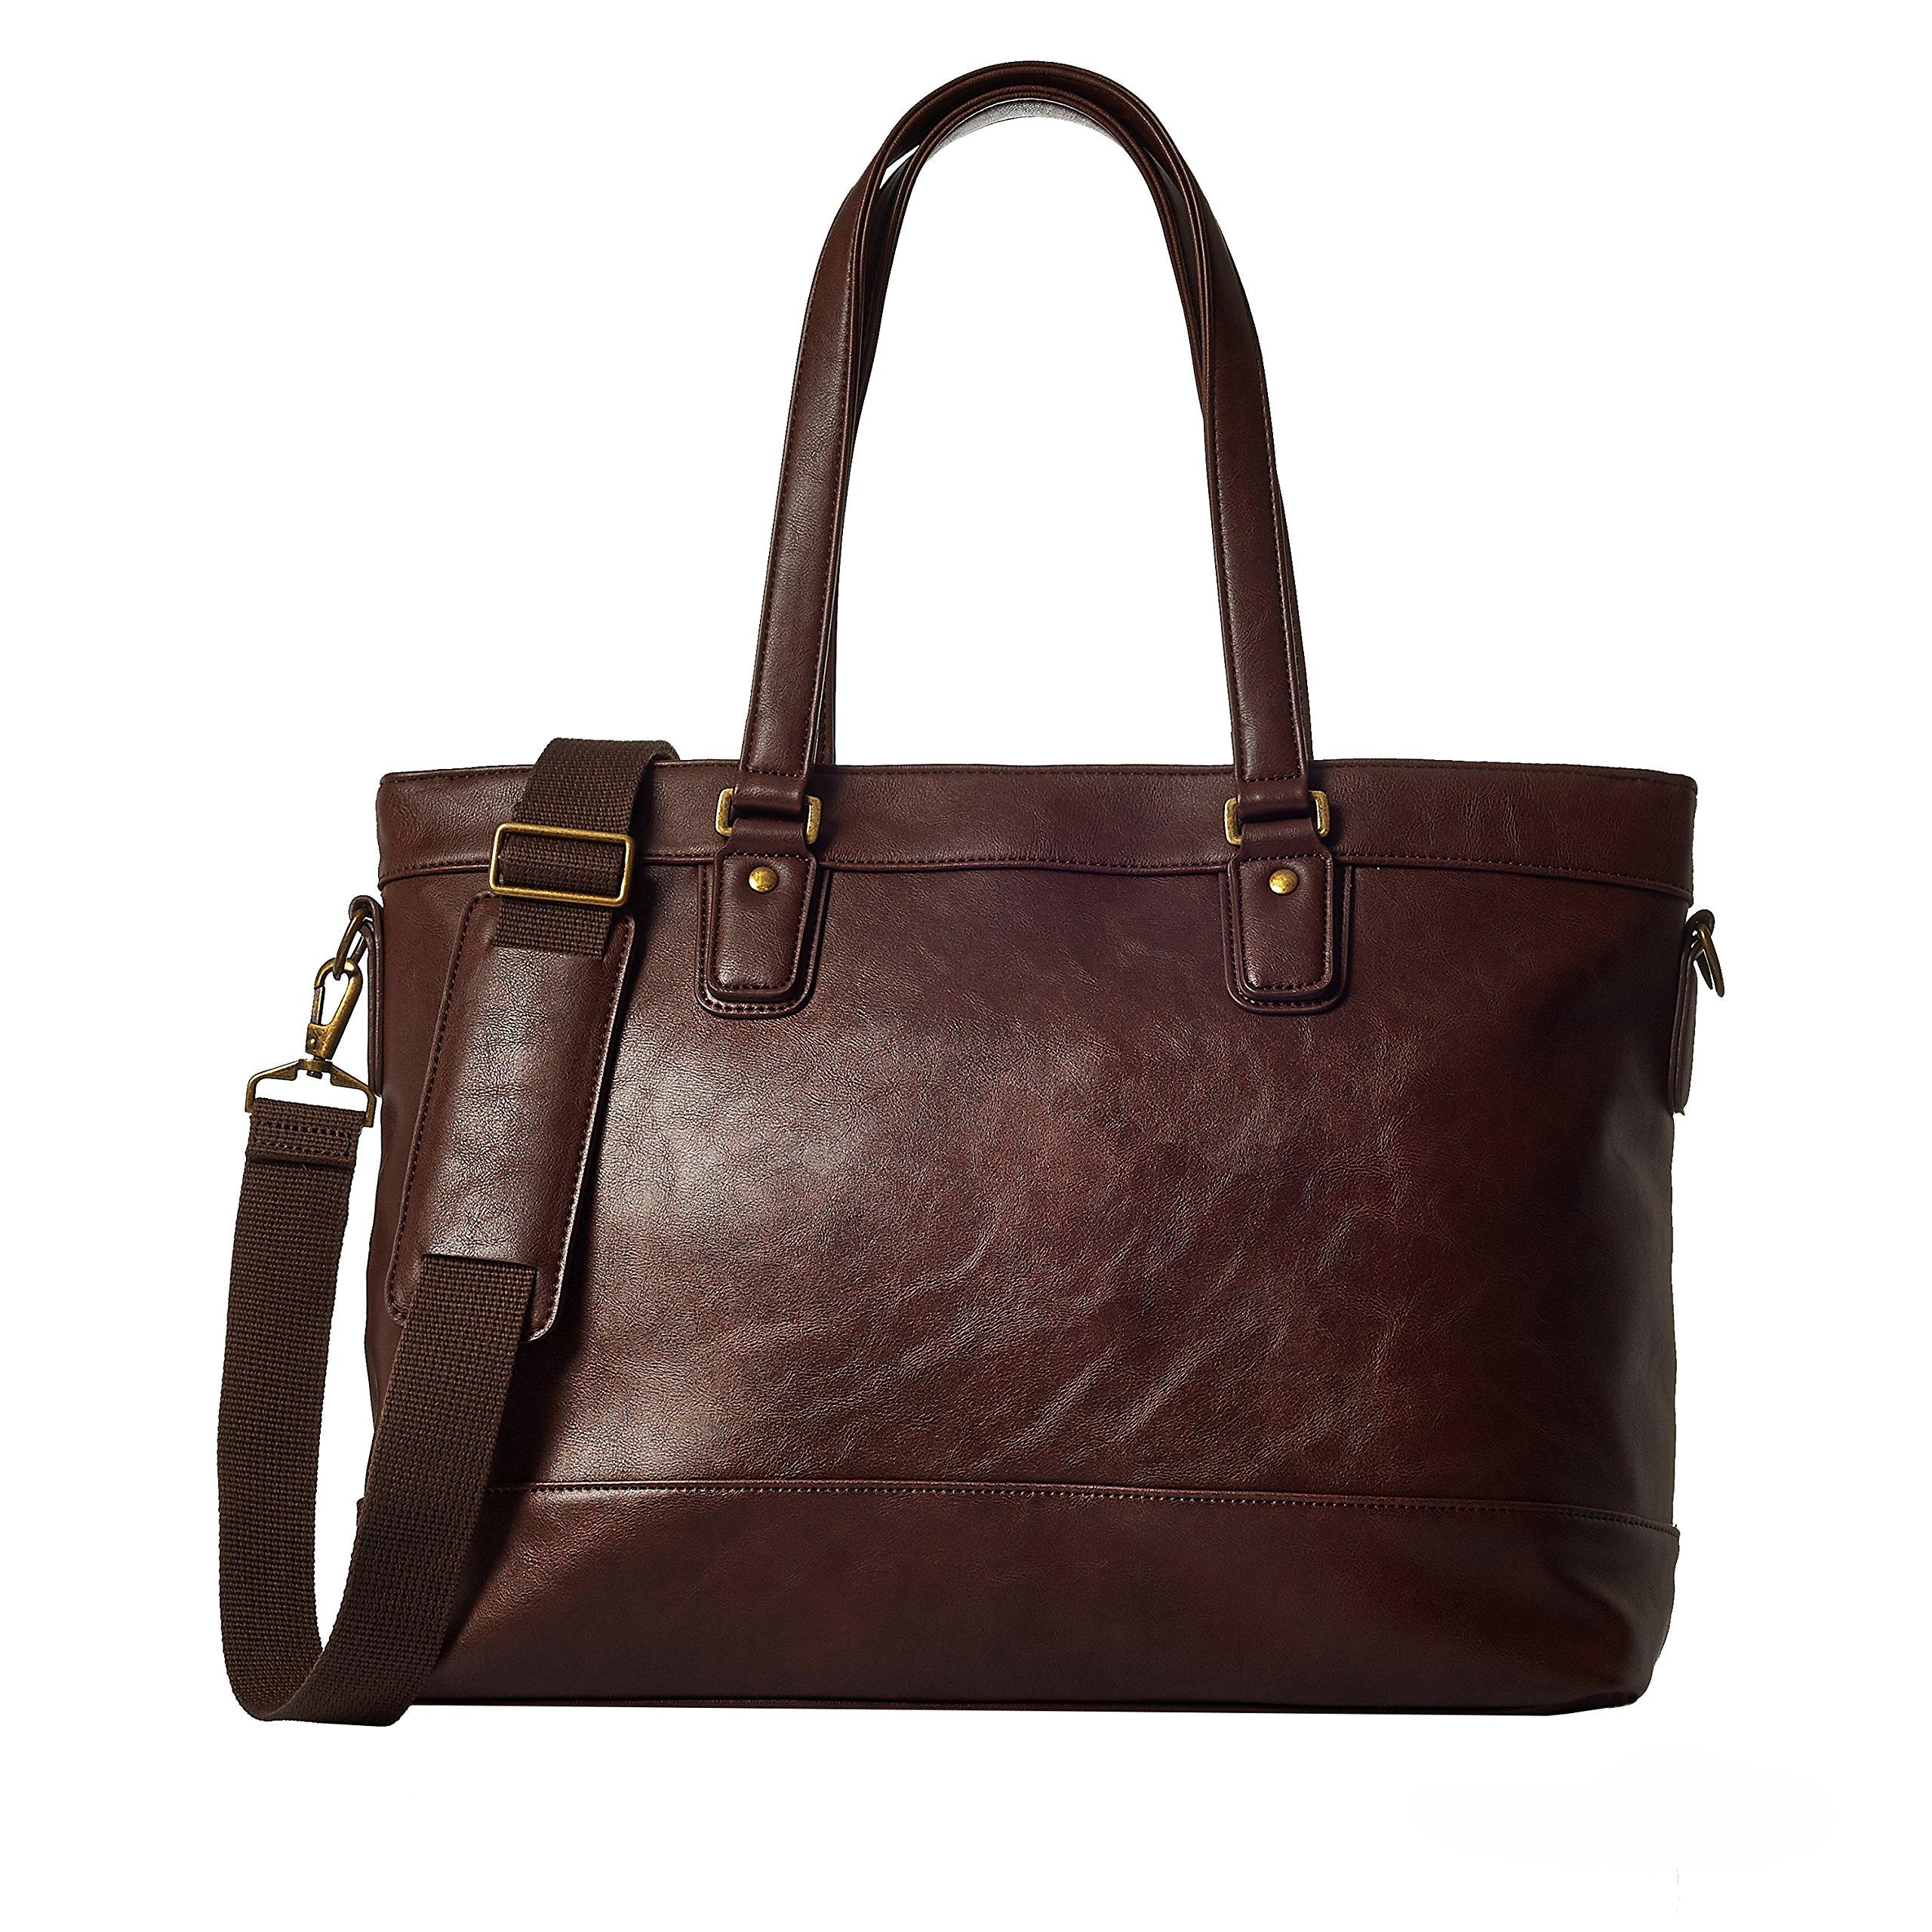 GLEVIO Grevio Business Tote Bag Business Bag 2way Large Capacity Men's Women's B4 (Dark Brown)